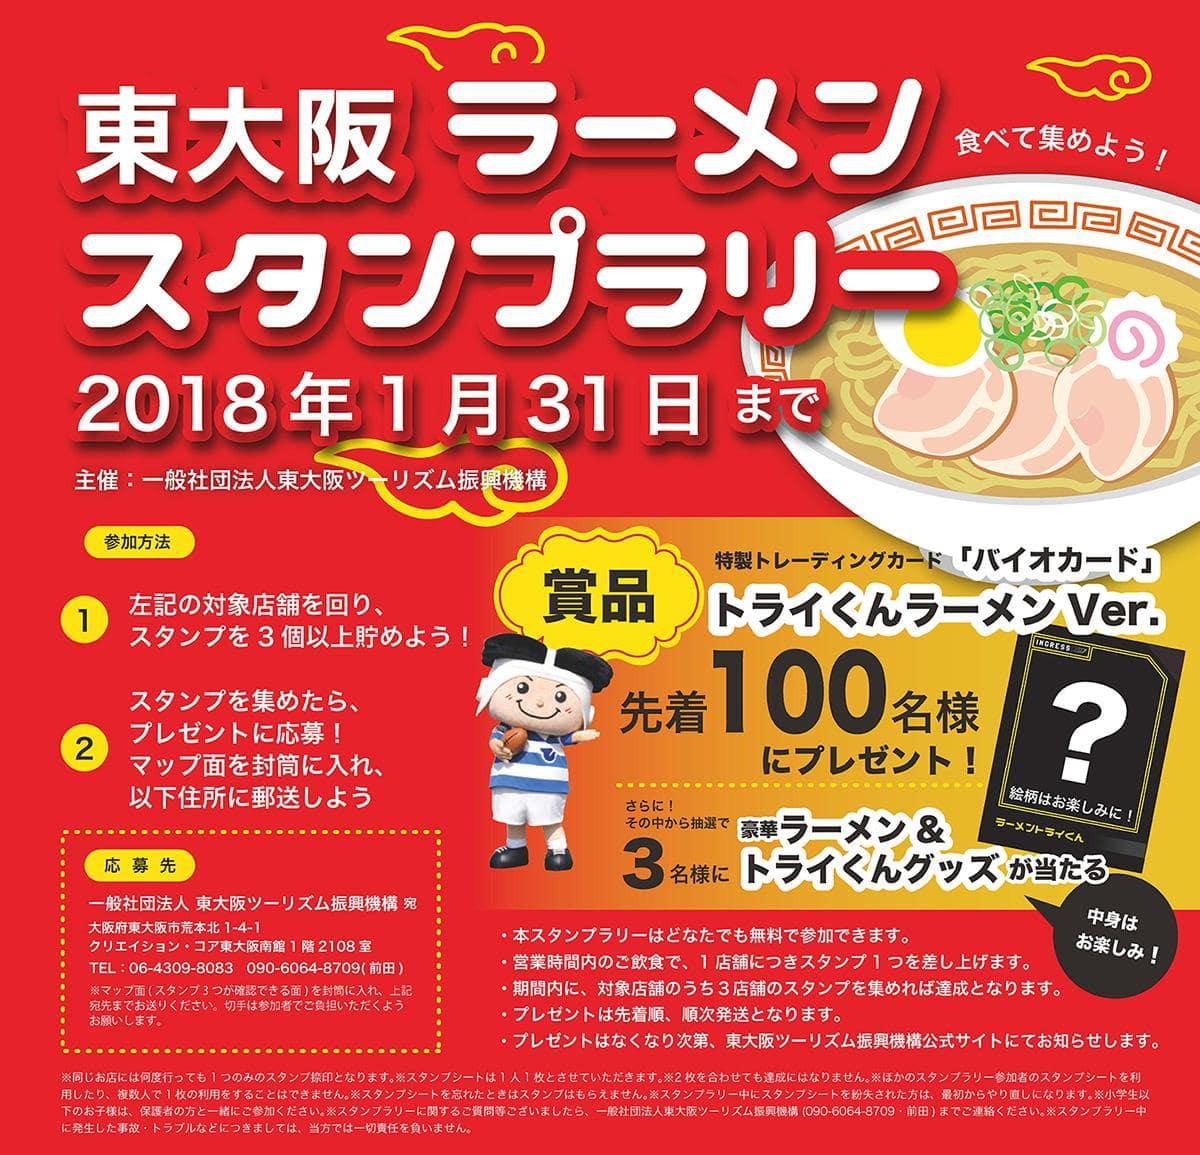 17店が参加する「東大阪ラーメンスタンプラリー」